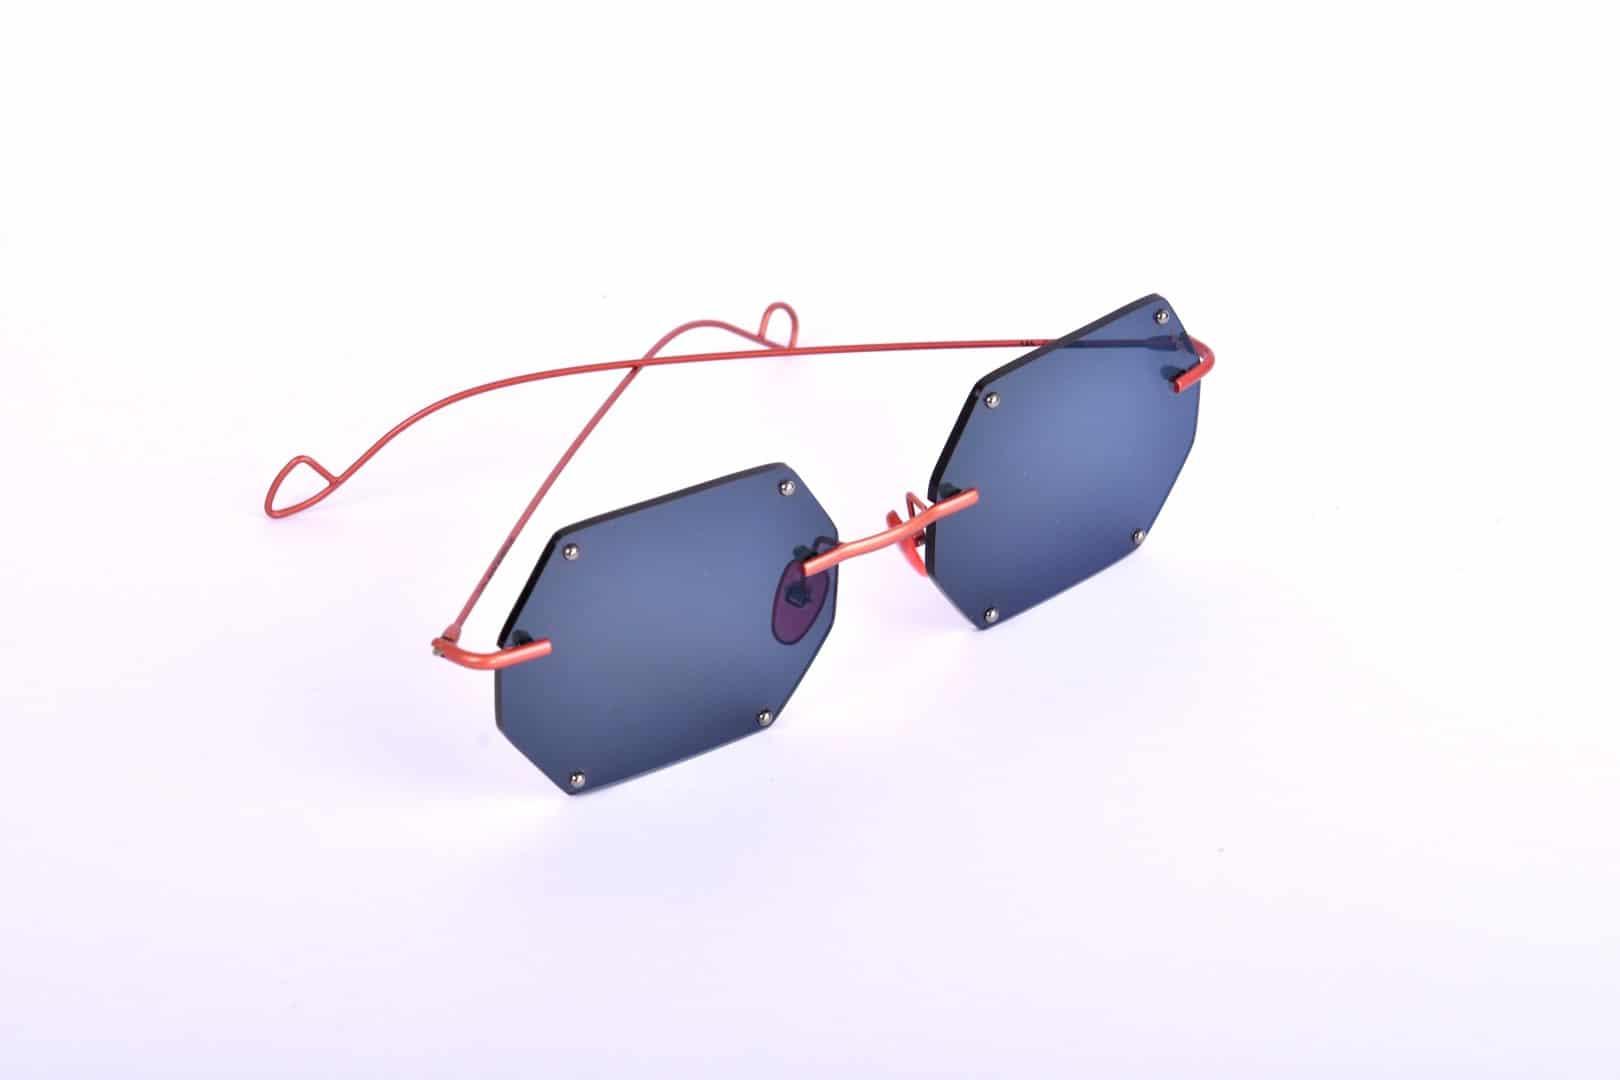 משקפי שמש יפות - אופטיקה יפעת, אופטיקאית מומלצת בנתניה